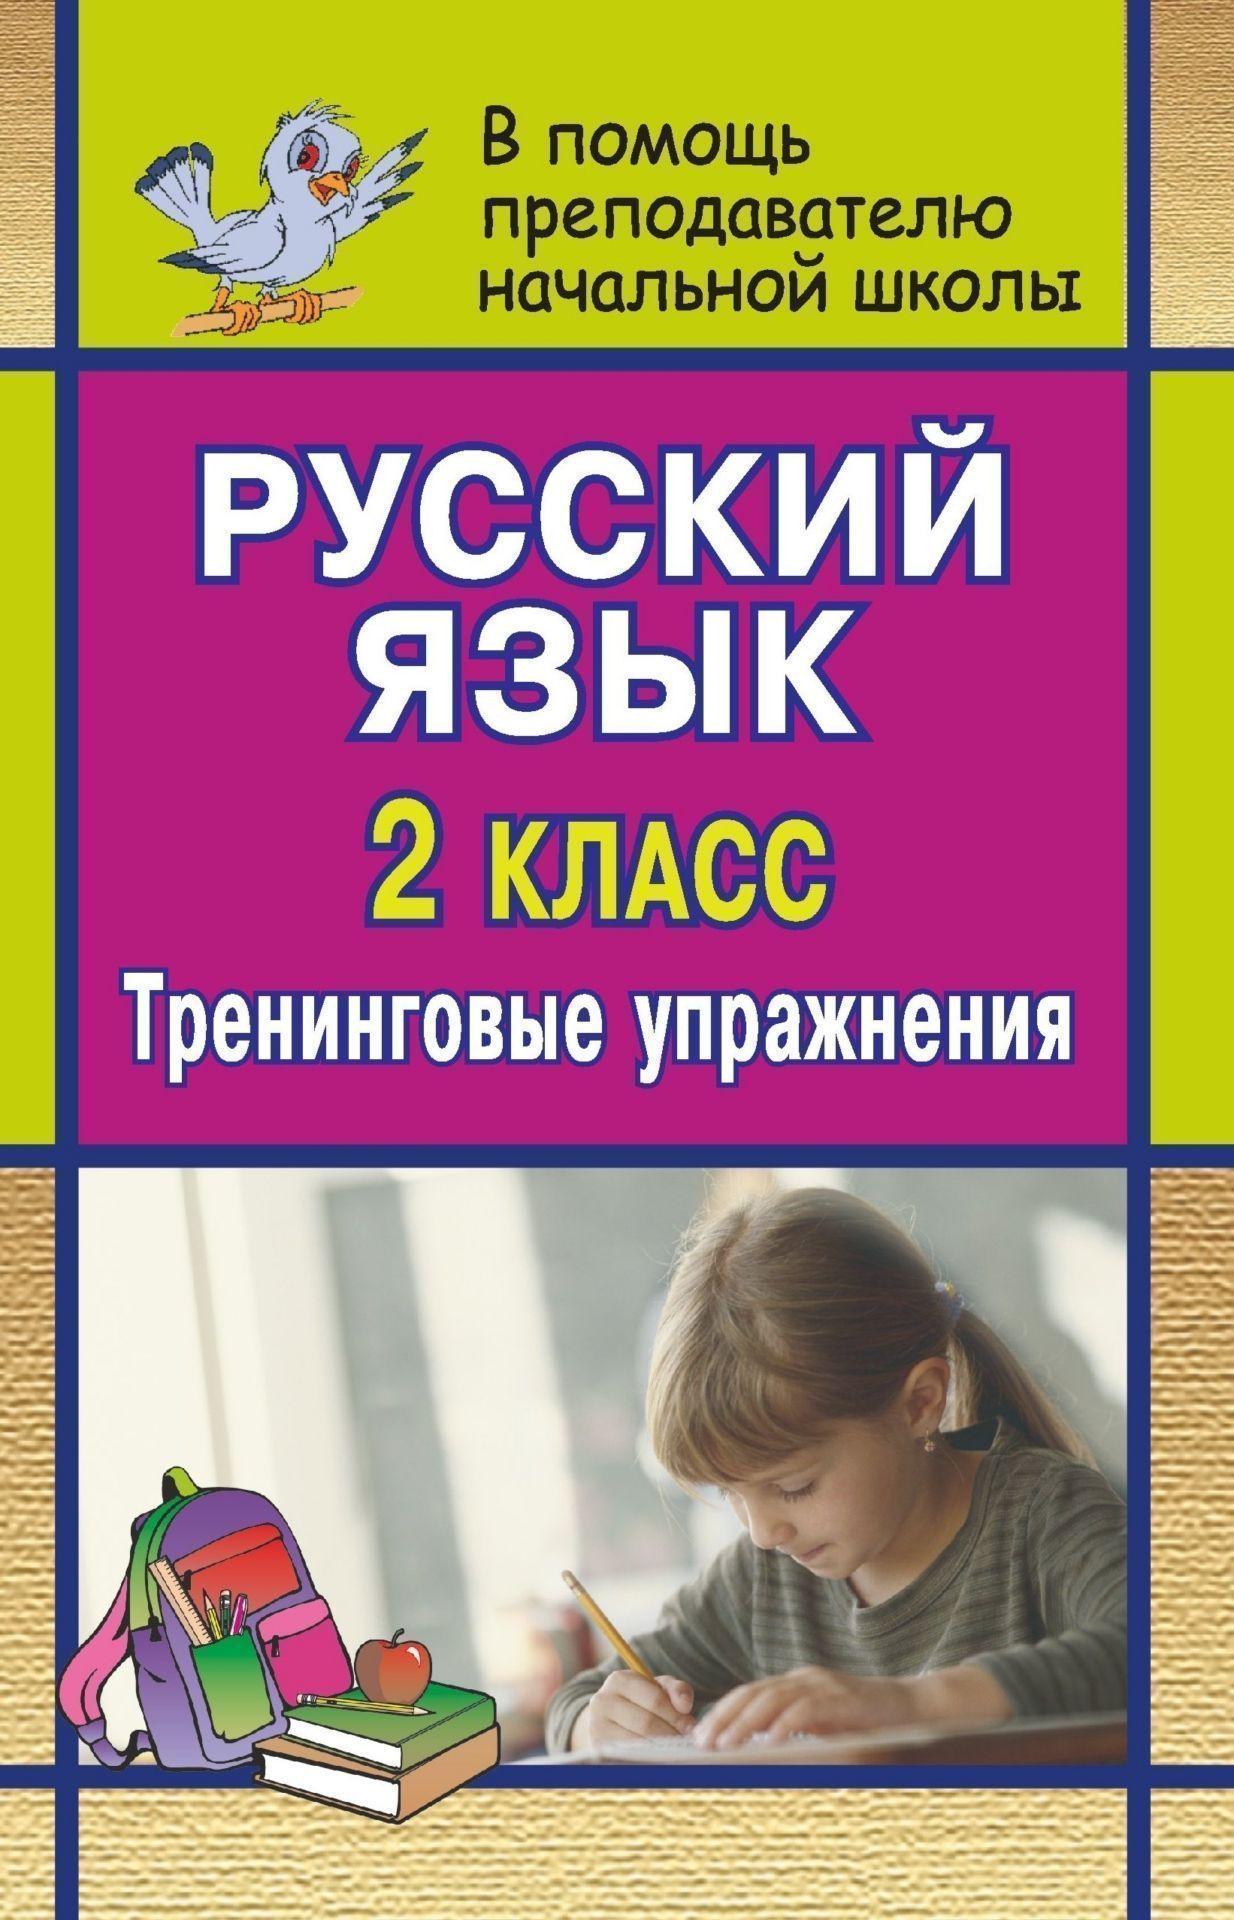 Русский язык. 2 кл. Тренинговые упражненияПредметы<br>В пособии представлены тренинговые задания различных видов по русскому языку для учащихся 2 класса. Материал охватывает все разделы программы и предназначен как для коллективной, так и для индивидуальной работы с детьми в классе и дома с целью формировани...<br><br>Авторы: Лободина Н. В.<br>Год: 2007<br>Серия: В помощь преподавателю начальной школы<br>ISBN: 5-7057-1123-9<br>Высота: 213<br>Ширина: 138<br>Толщина: 8